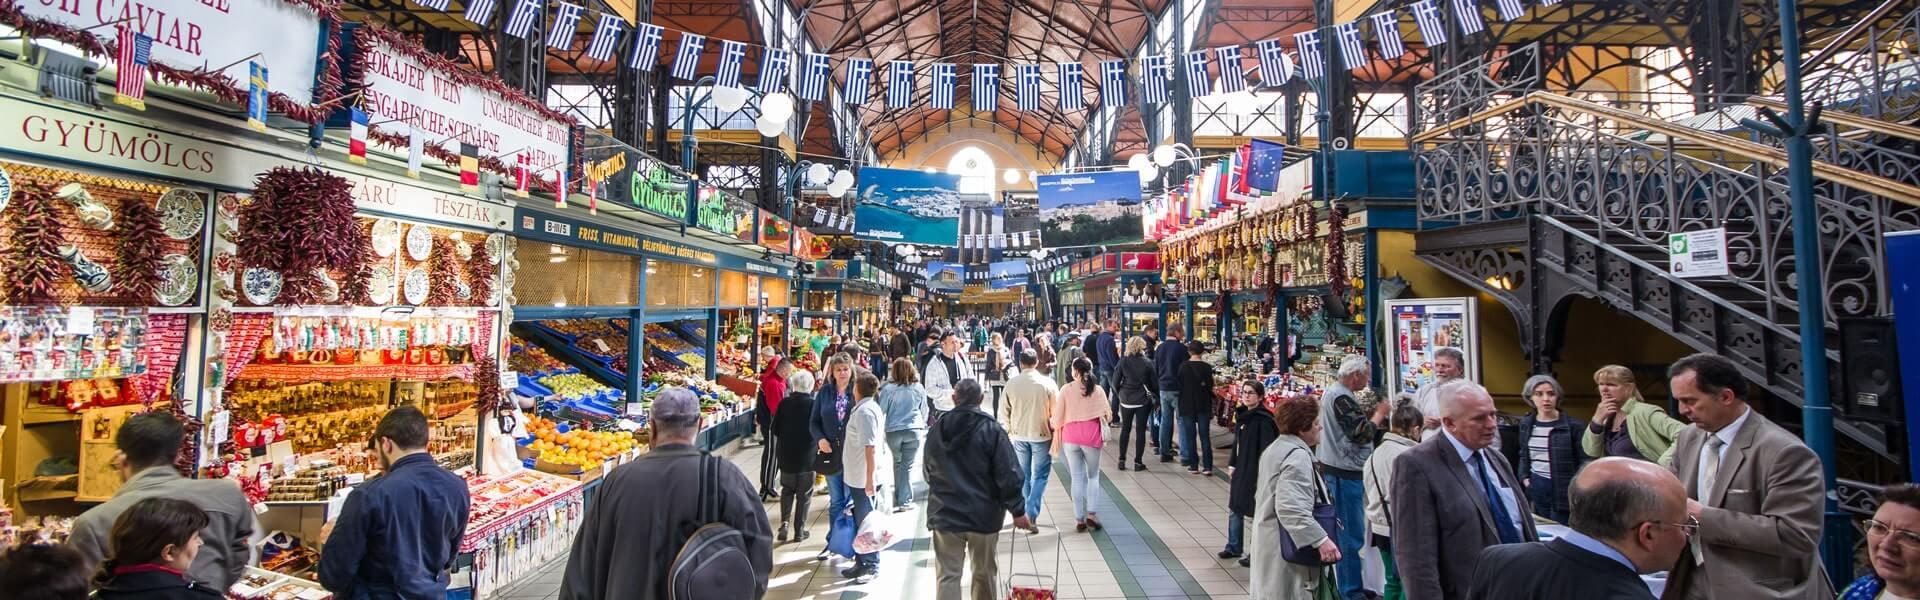 Besichtigung der Budapester Markthalle bei Ihrer Firmen Reise Budapest